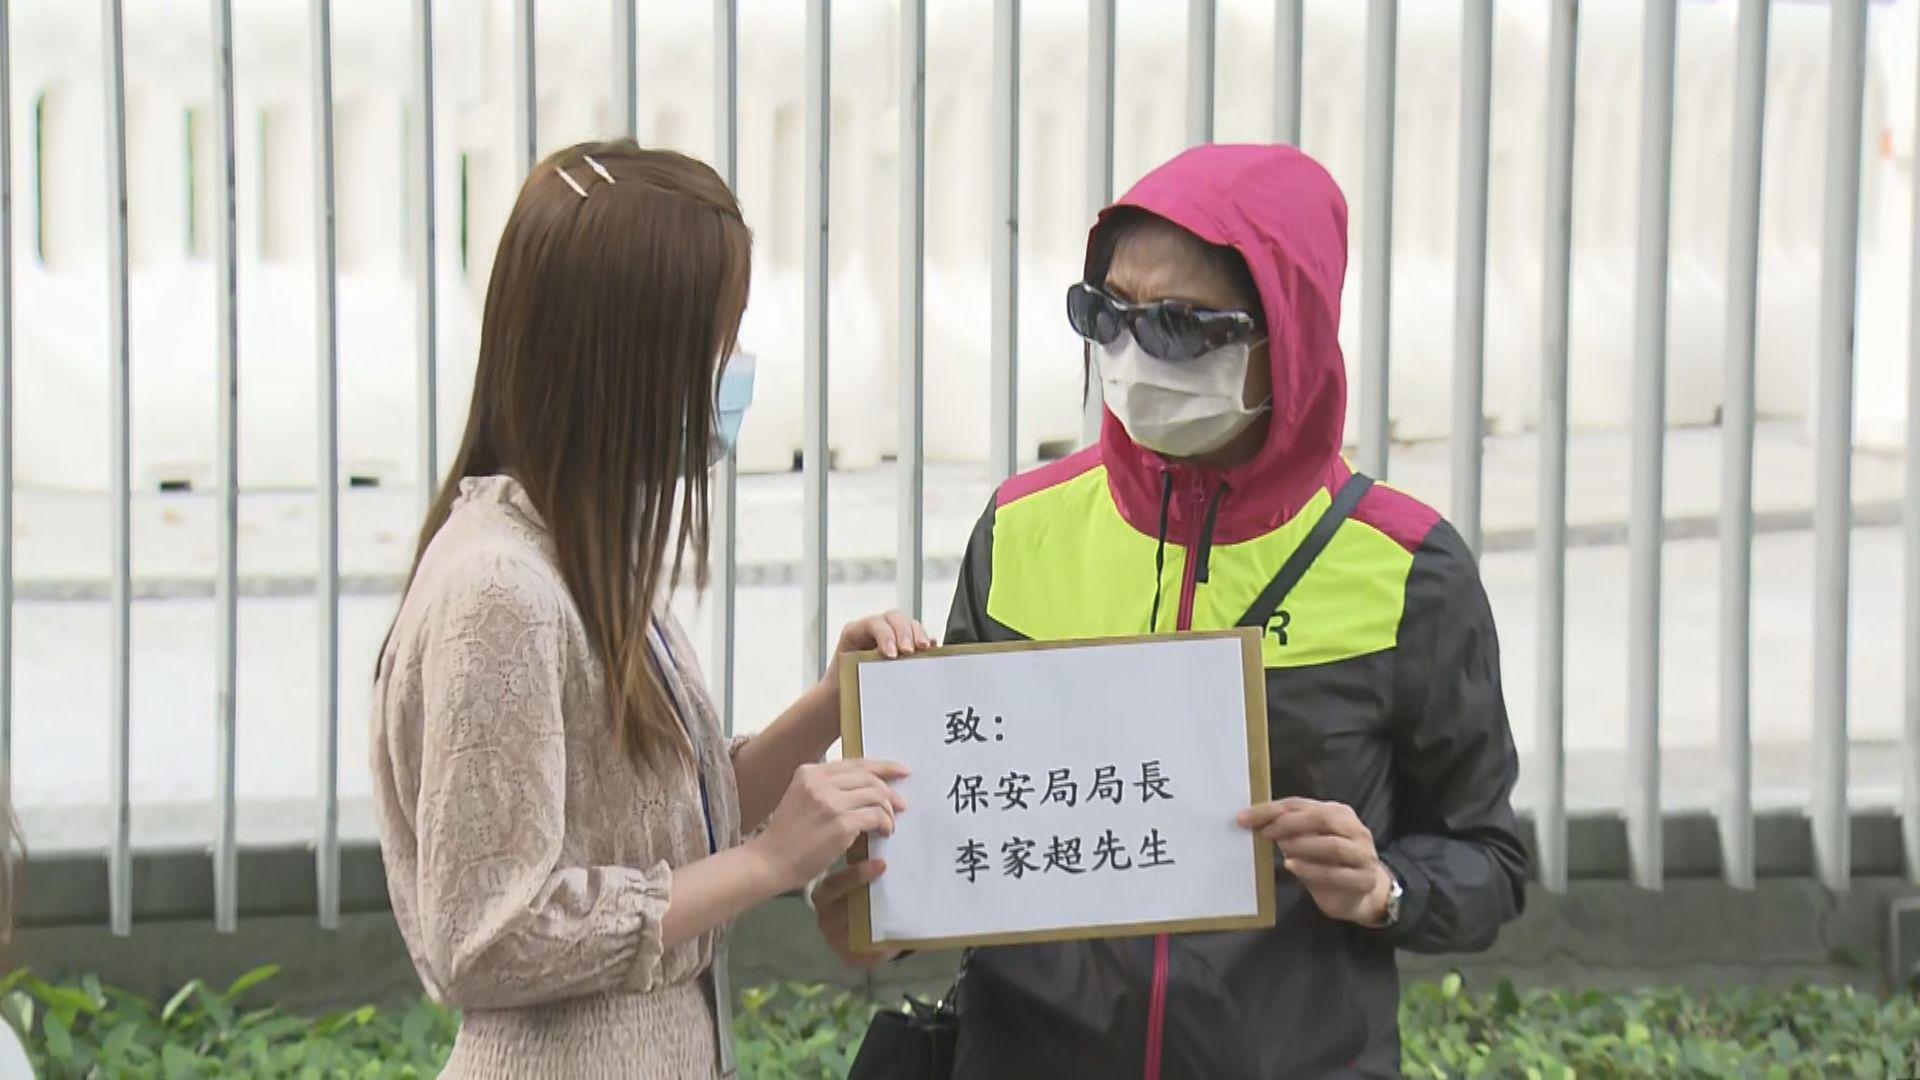 潘曉穎母促李家超特事特辦 助陳同佳到台灣自首